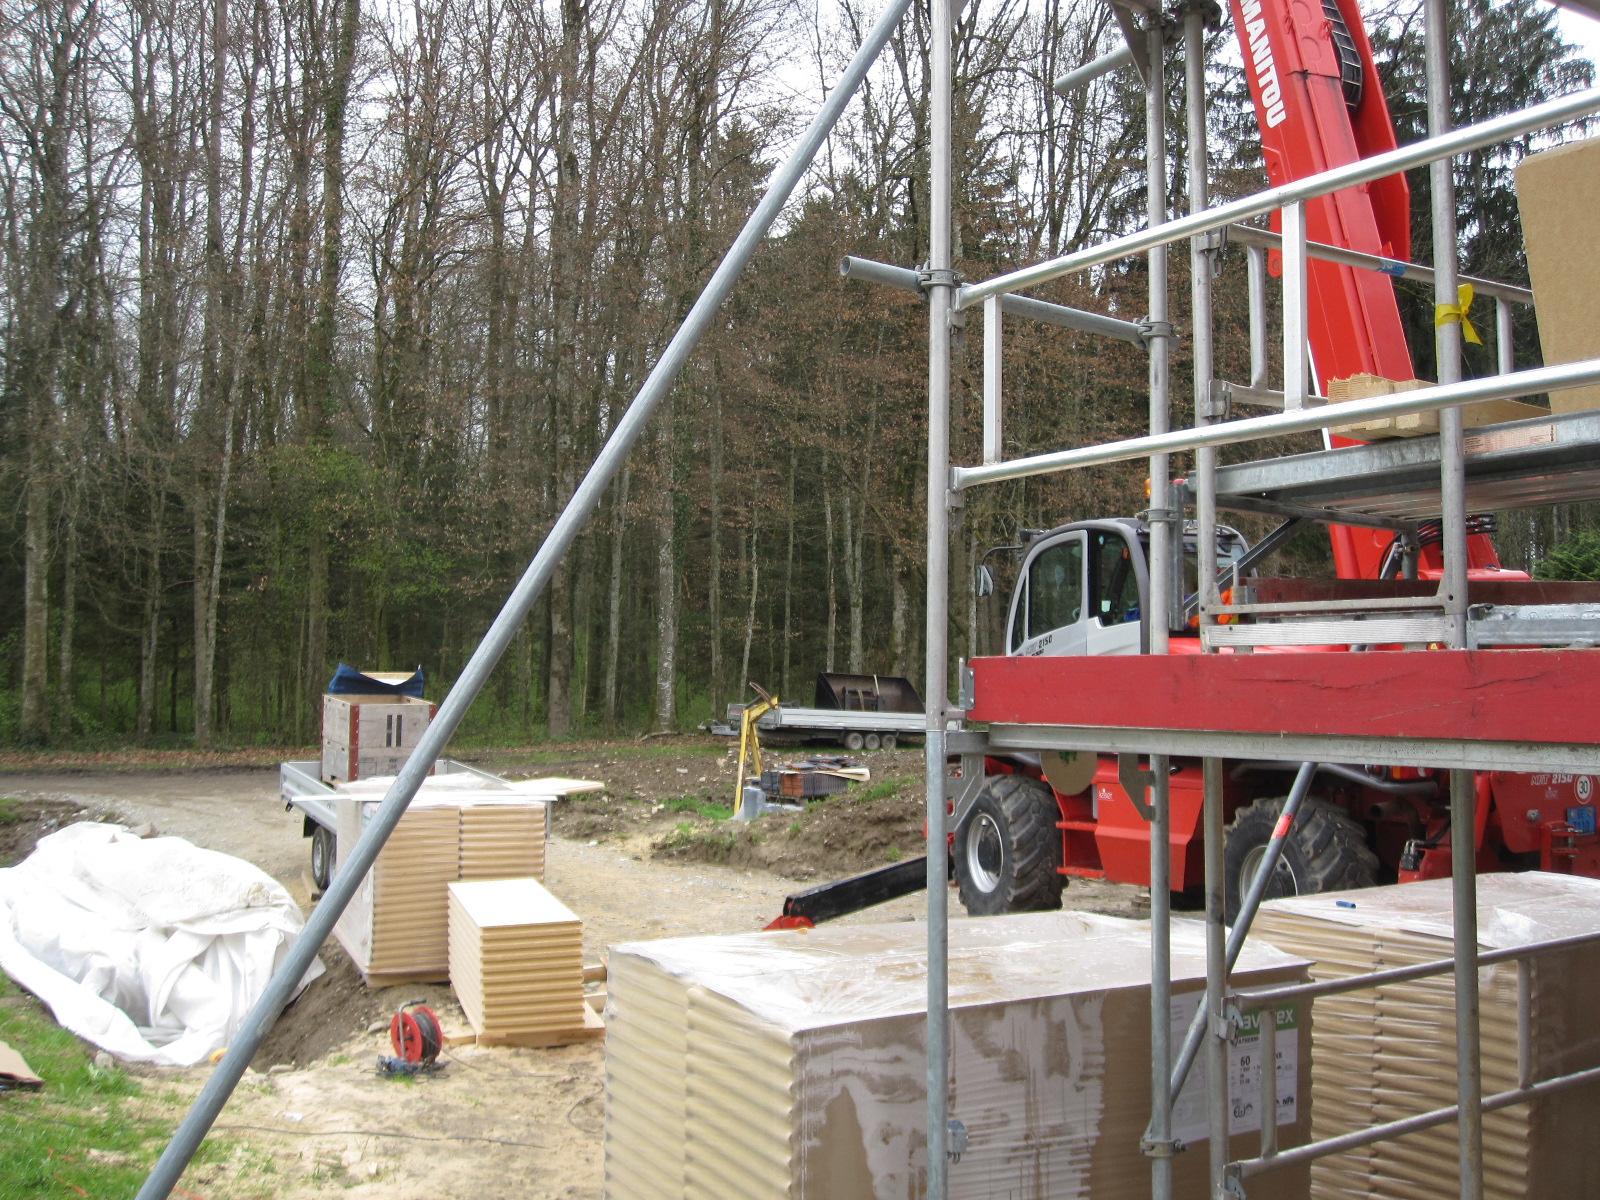 Favorit Holzhaus - wir bauen ein Haus aus Holz: Elektroinstallation IJ87